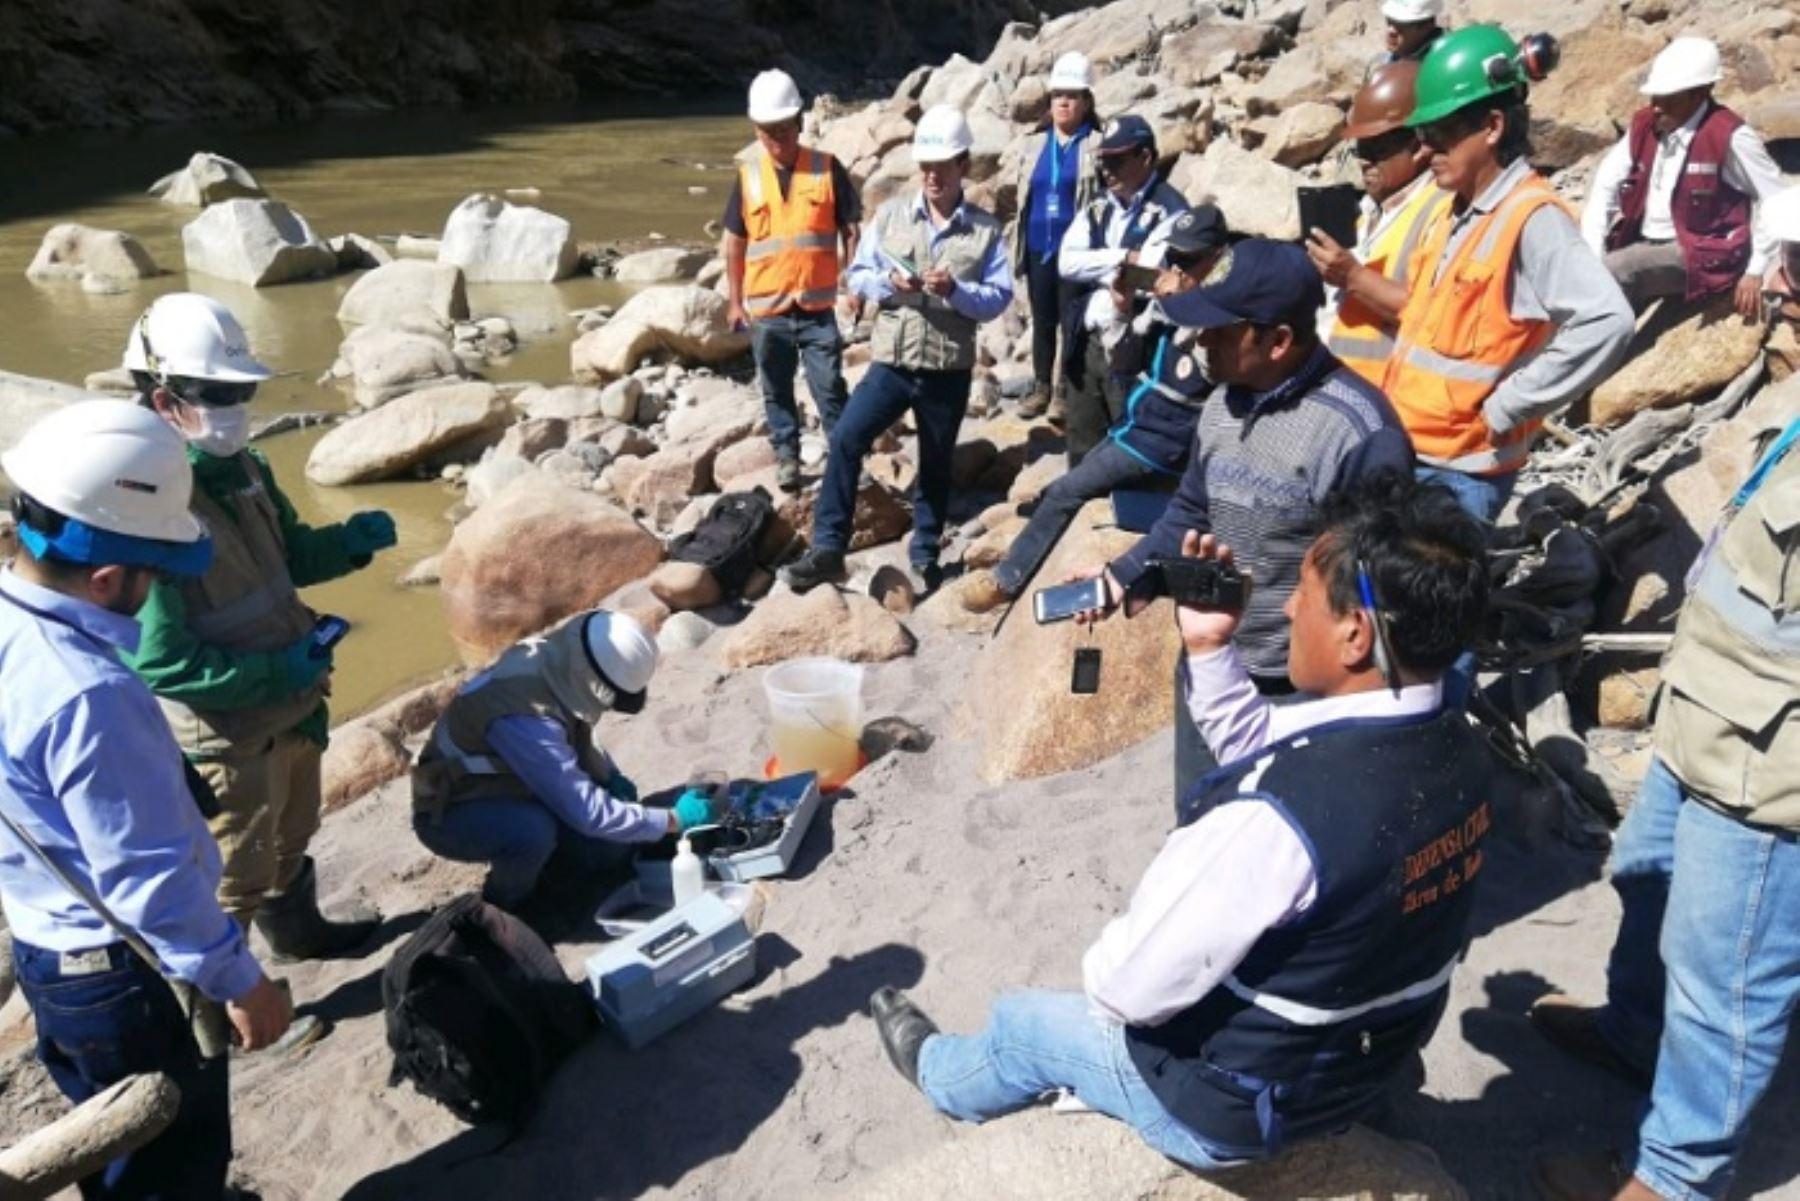 La Fiscalía Especializada en Materia Ambiental de Ayacucho-Huamanga abrió una investigación preliminar a la empresa minera Doe Run Perú y dispuso el retiro del material deslizado a consecuencia del relave minero del 10 de julio último, que habría afectado el río Mantaro y las inmediaciones del centro poblado de Expansión Cobriza, distrito de San Pedro de Coris, en Huancavelica.